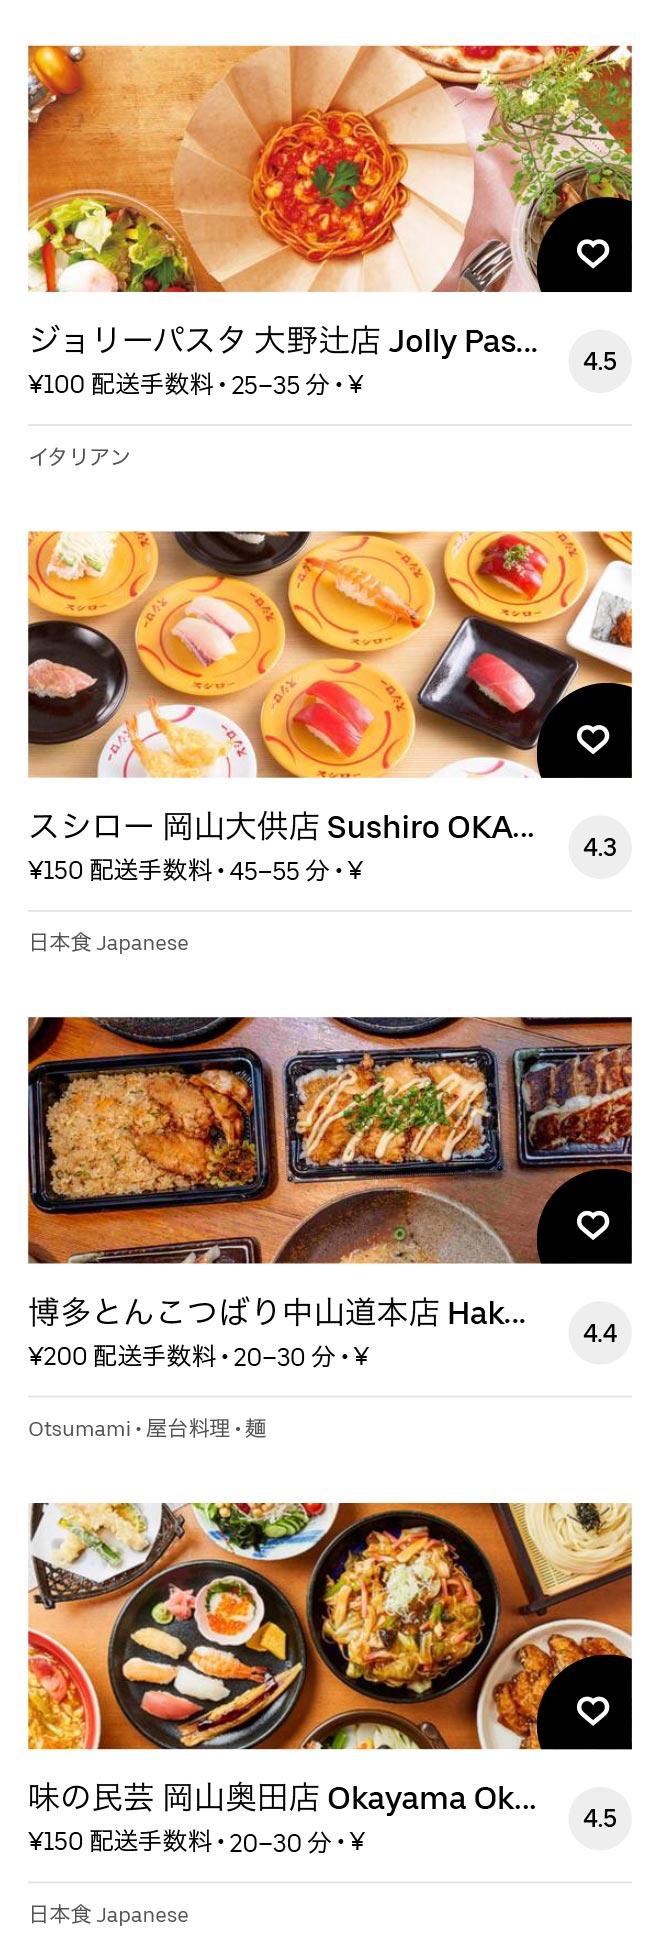 Bizen nishiichi menu 2011 08